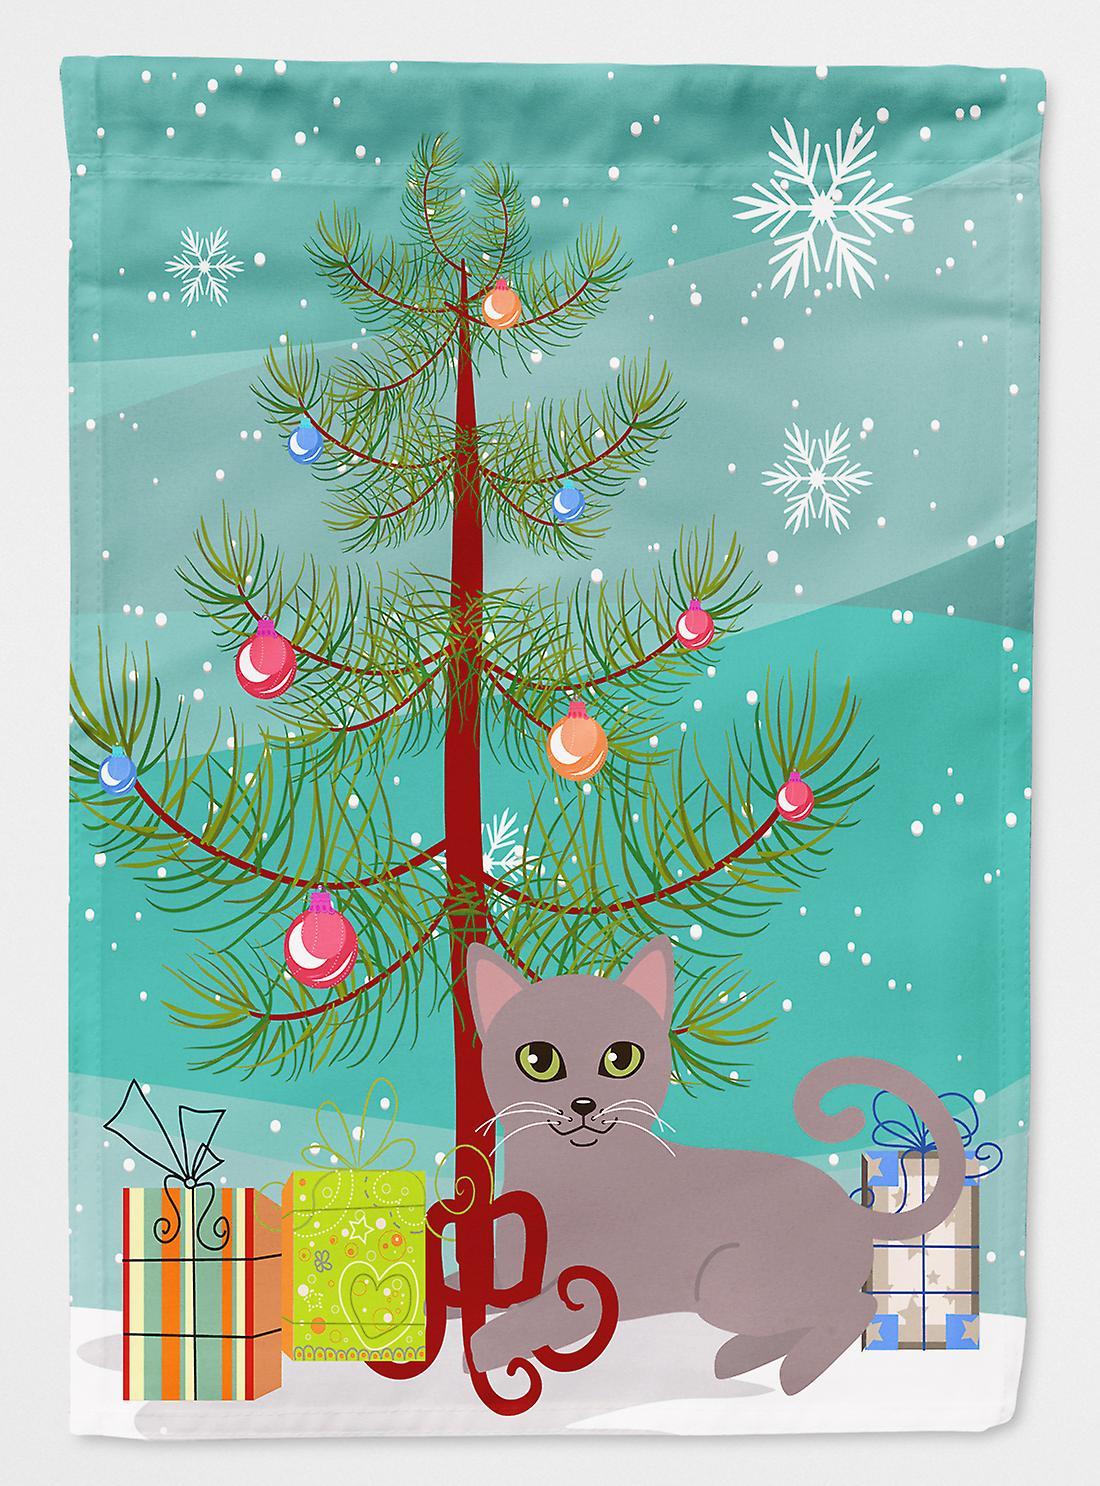 Russisch Frohe Weihnachten.Russisch Blau Katze Frohe Weihnachten Fahne Baumgarten Grosse